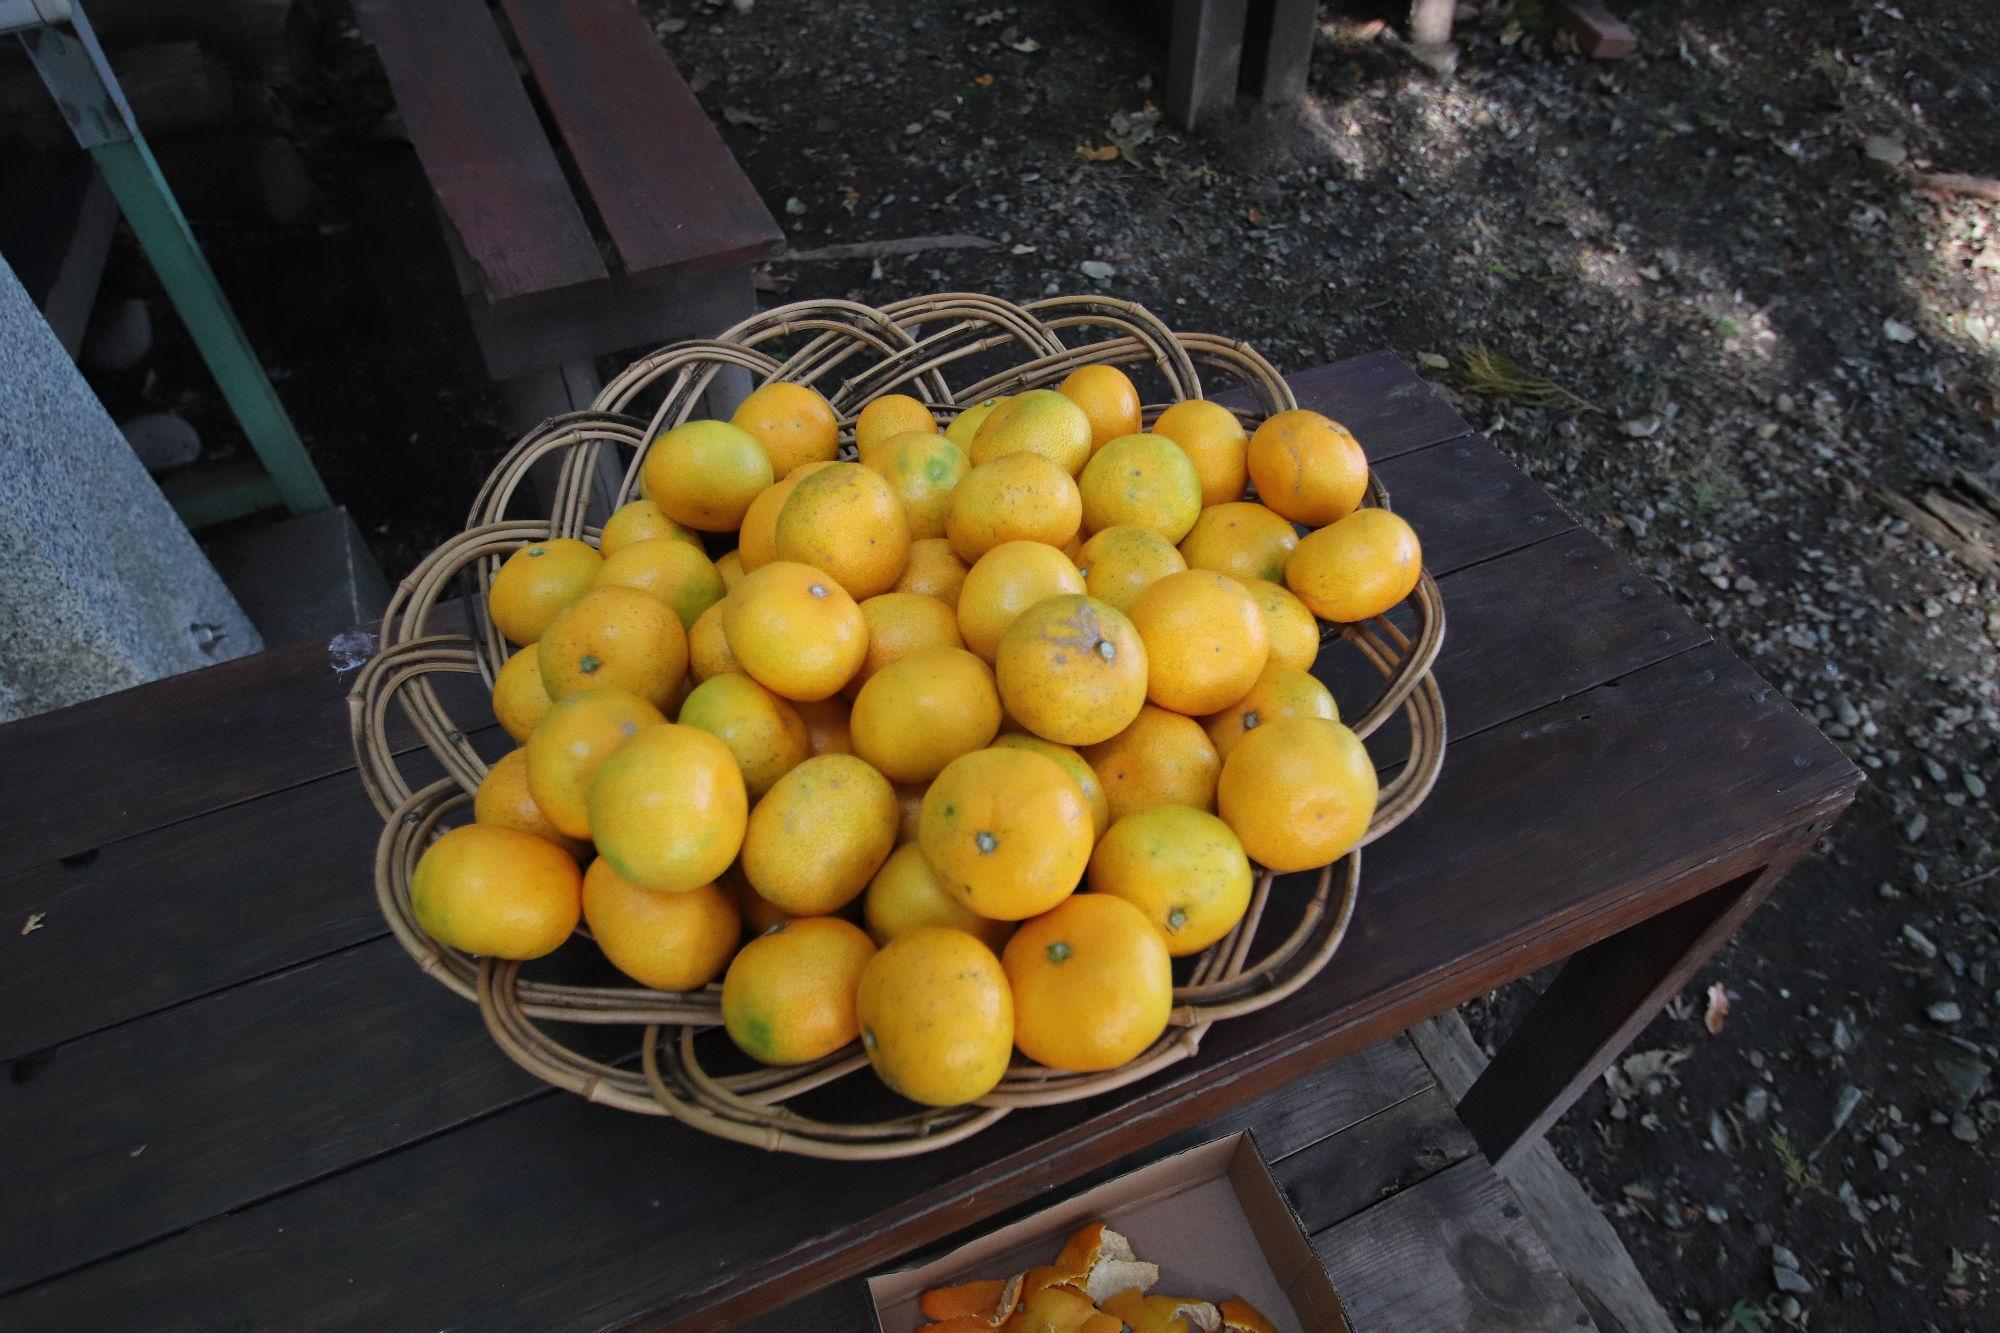 寳登山神社 奥宮前で売っていたミカン